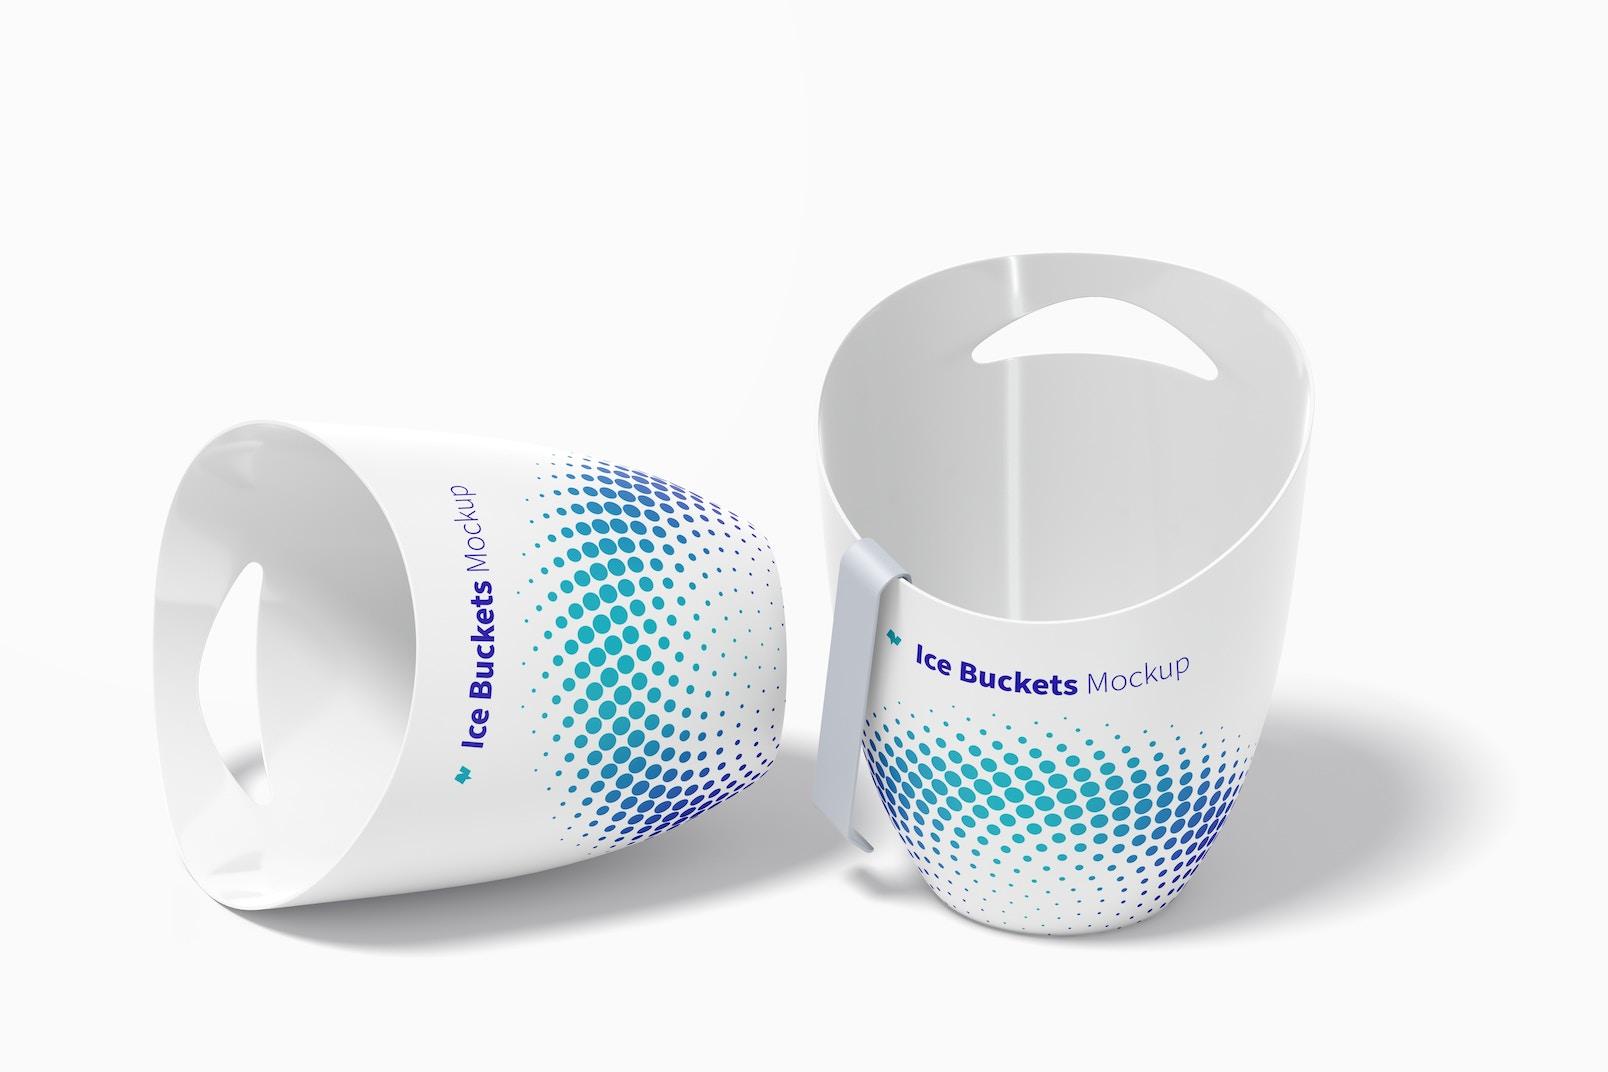 Ice Buckets Mockup